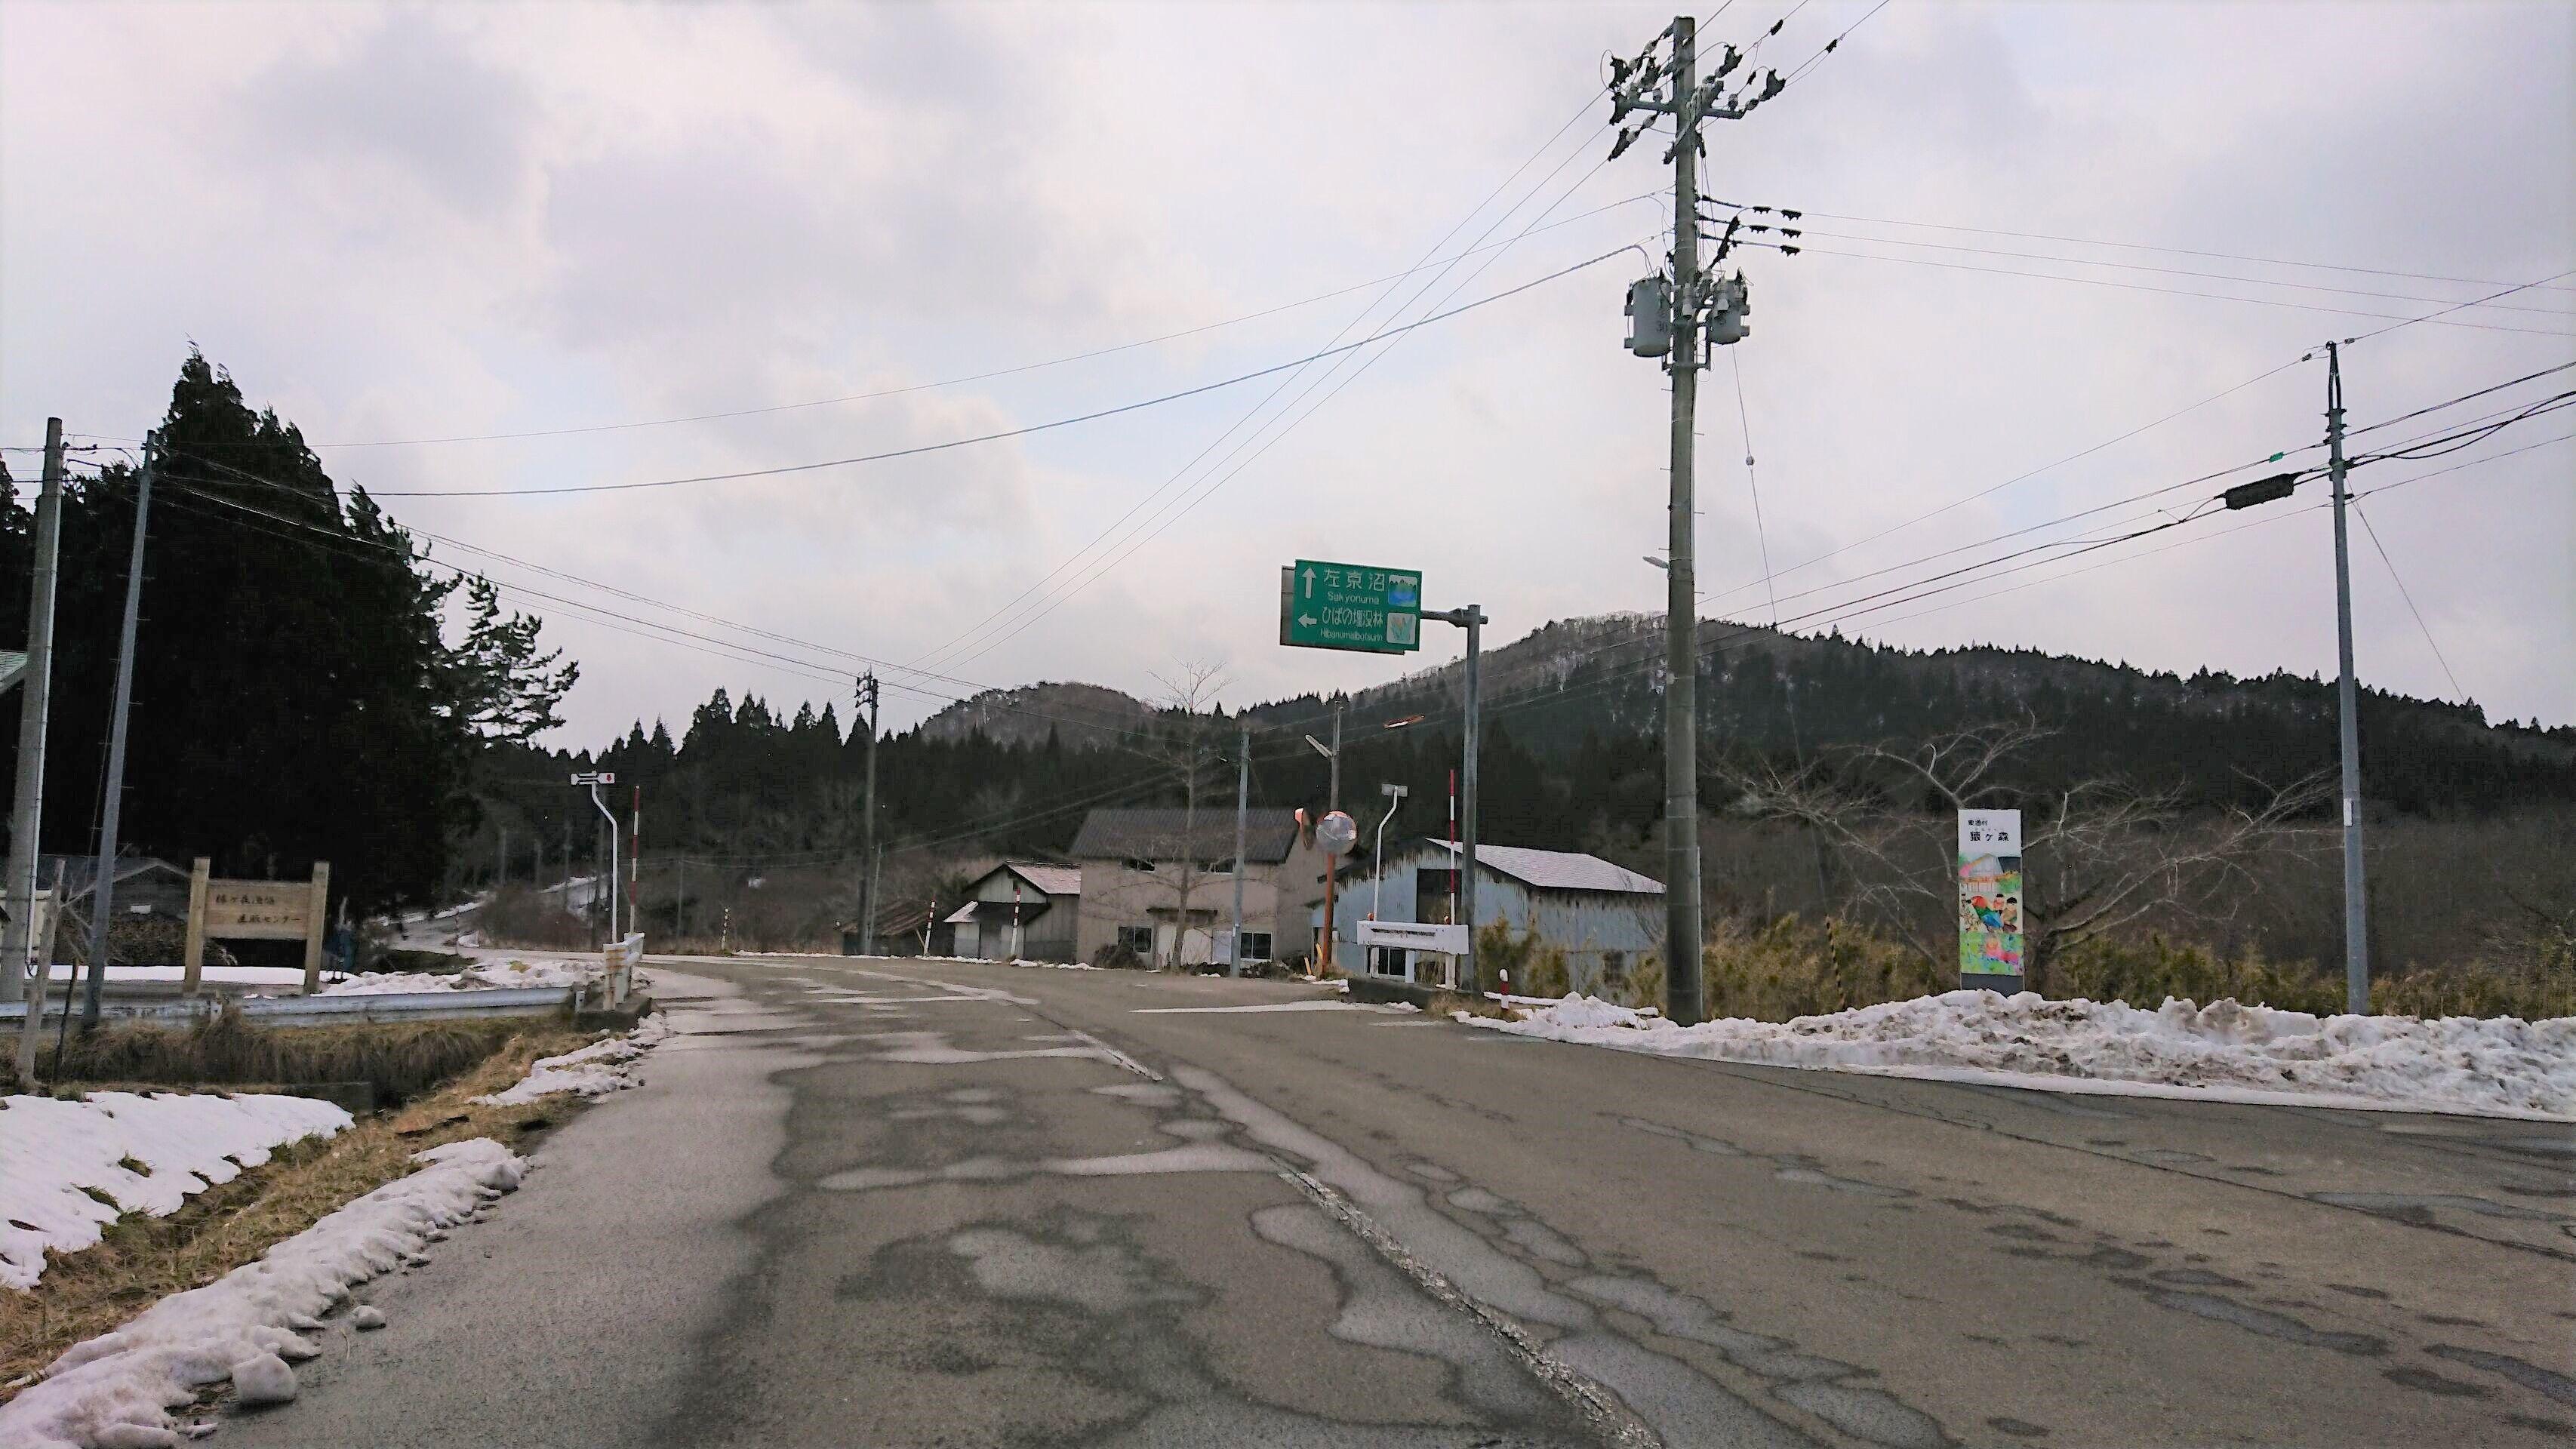 ブロ玉(Blog Saitama)道路・チャリ・廃温泉 / 道路交通センサスばちょして遊んだじゃ      青森県下北郡東通村の高速道路    コメント